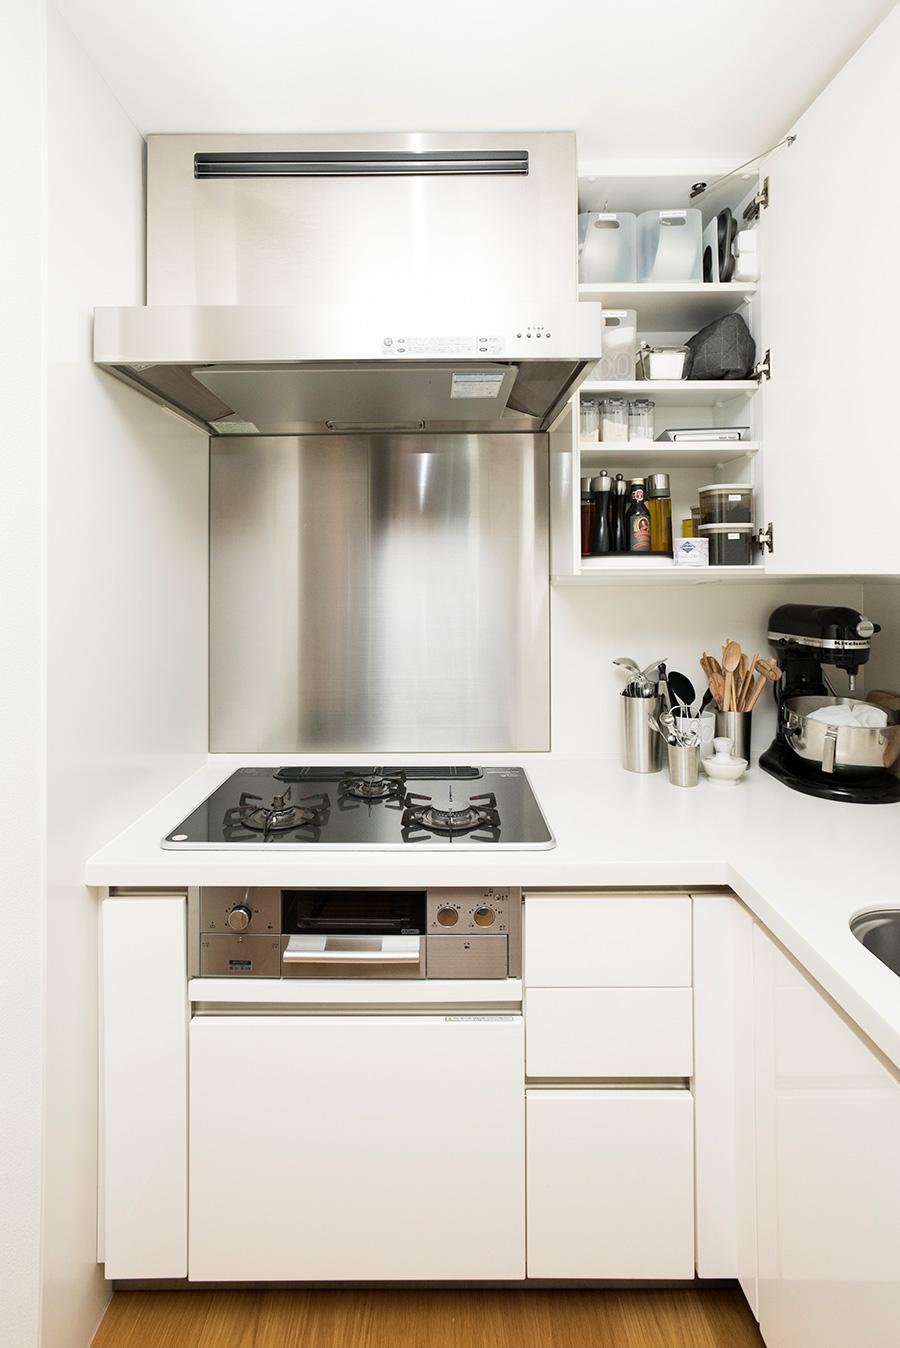 コンロ横には調理に使うグッズをスタンバイ。棚の中の調味料はターンテーブルに載せて奥のものも取り出しやすくしている。